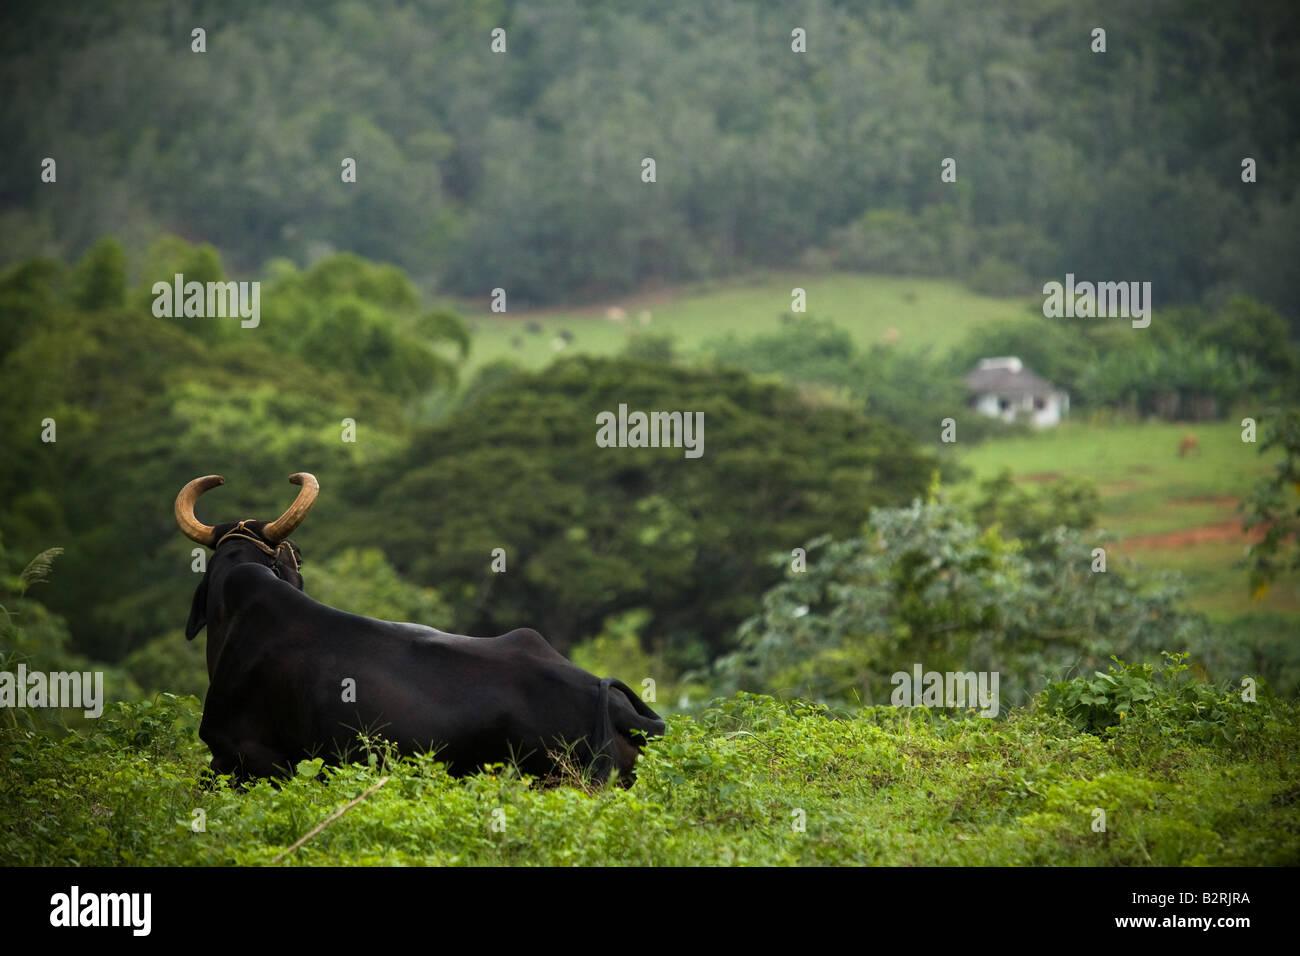 Bull liegen in einem Feld in der Nähe von Vinales, Kuba Stockbild